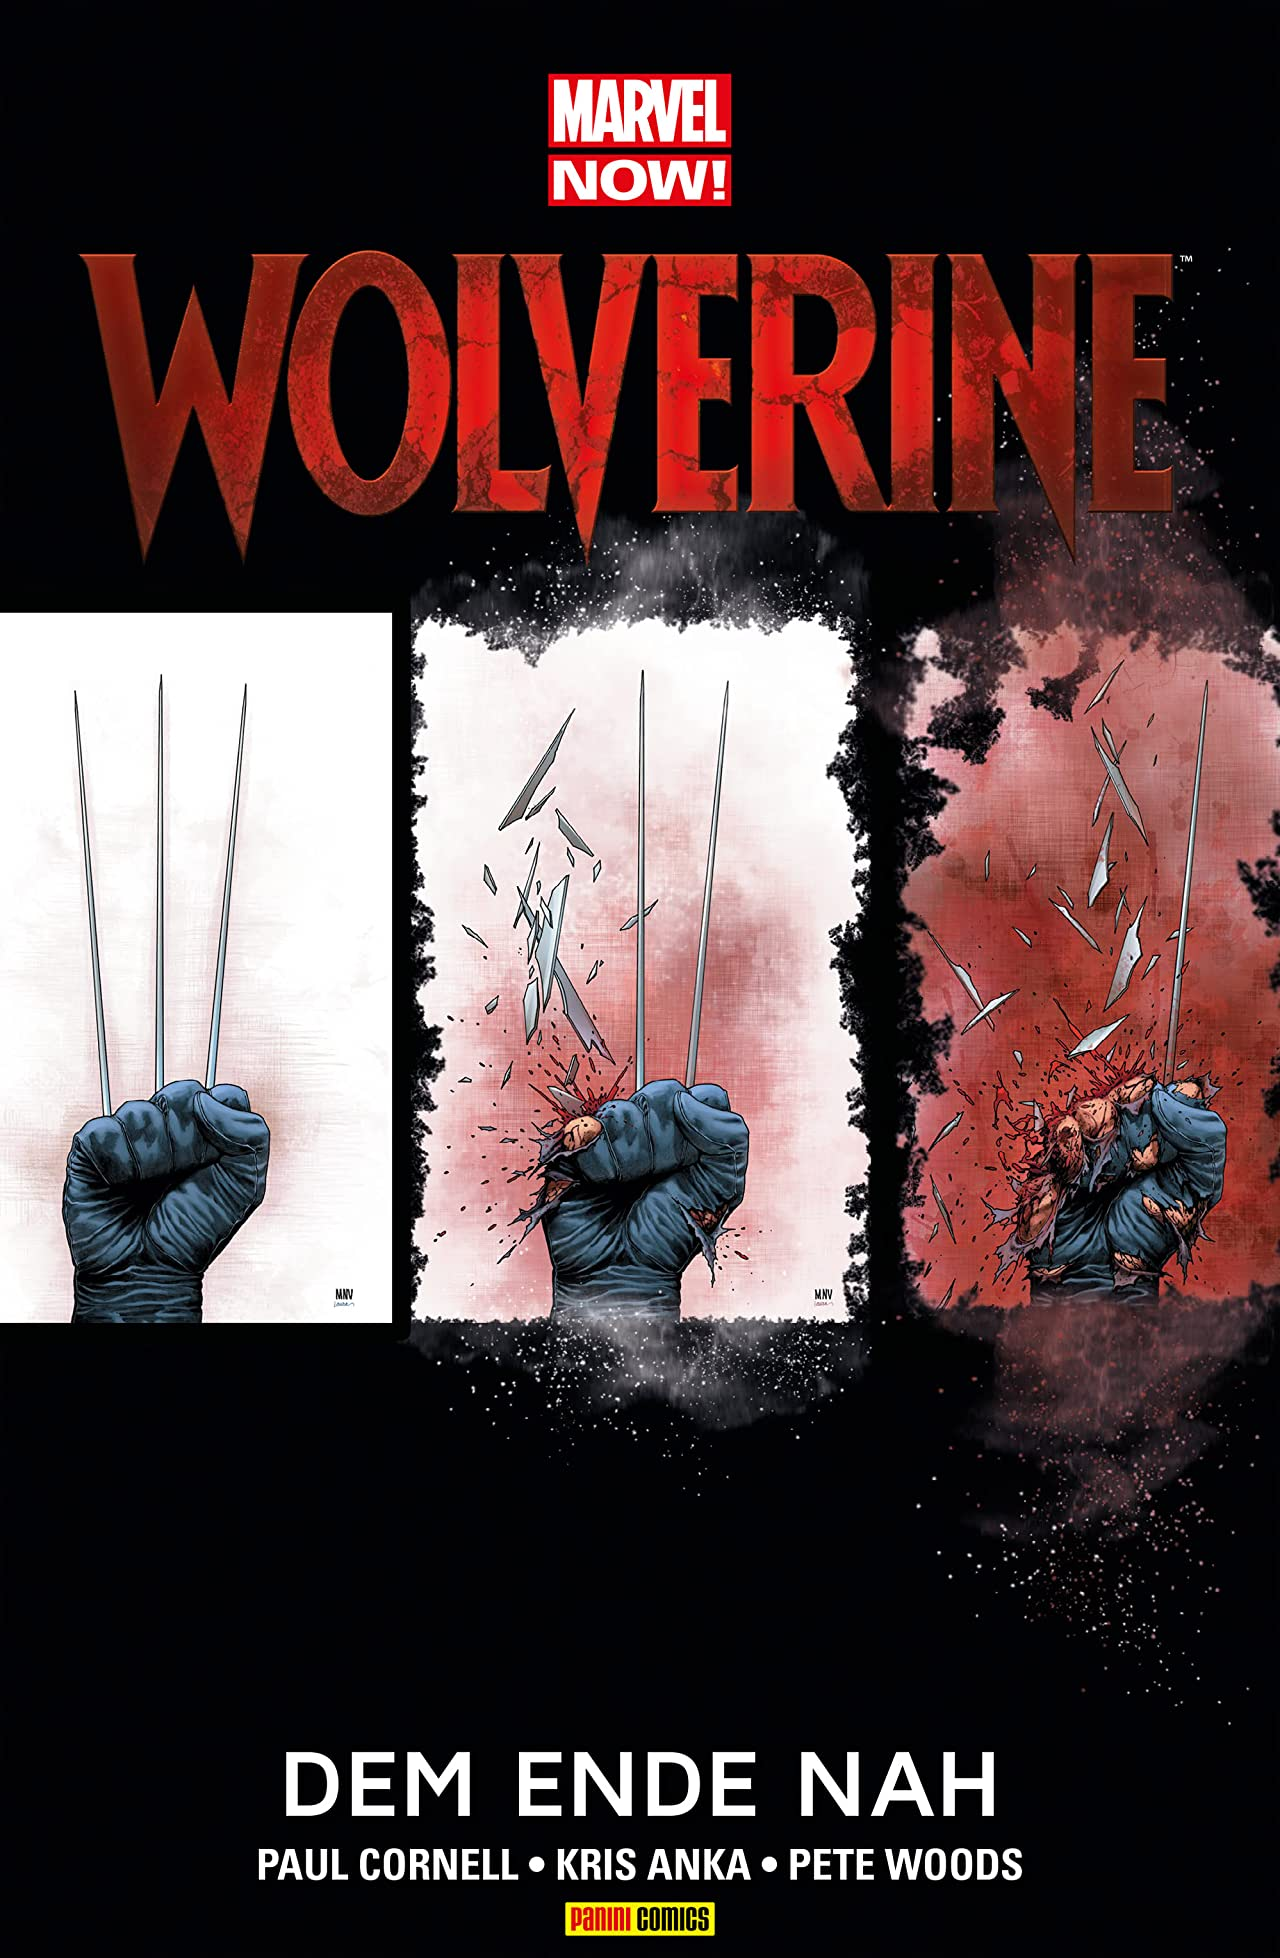 Marvel Now! PB Wolverine Vol. 4: Dem Ende nah